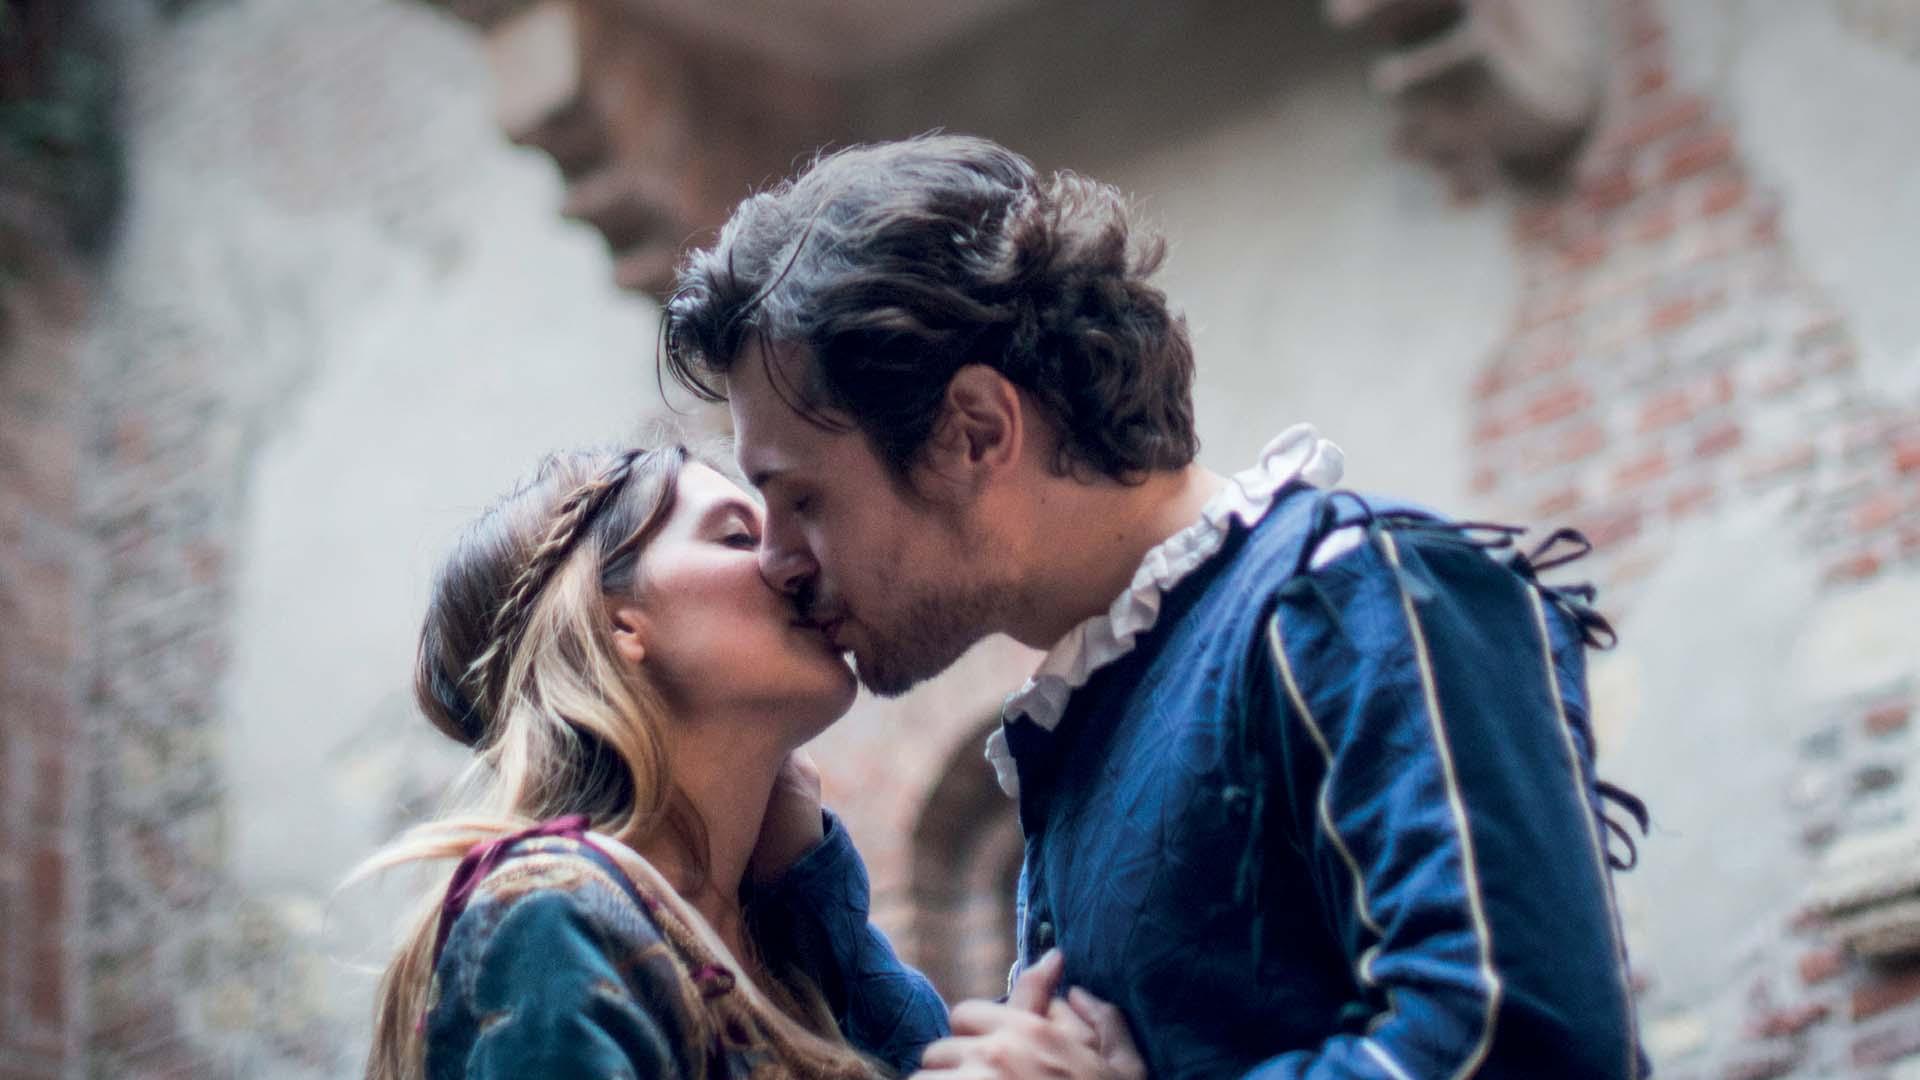 Romeo e Giulietta spettacolo itinerante 2016  Carnet Verona  Carnet Verona